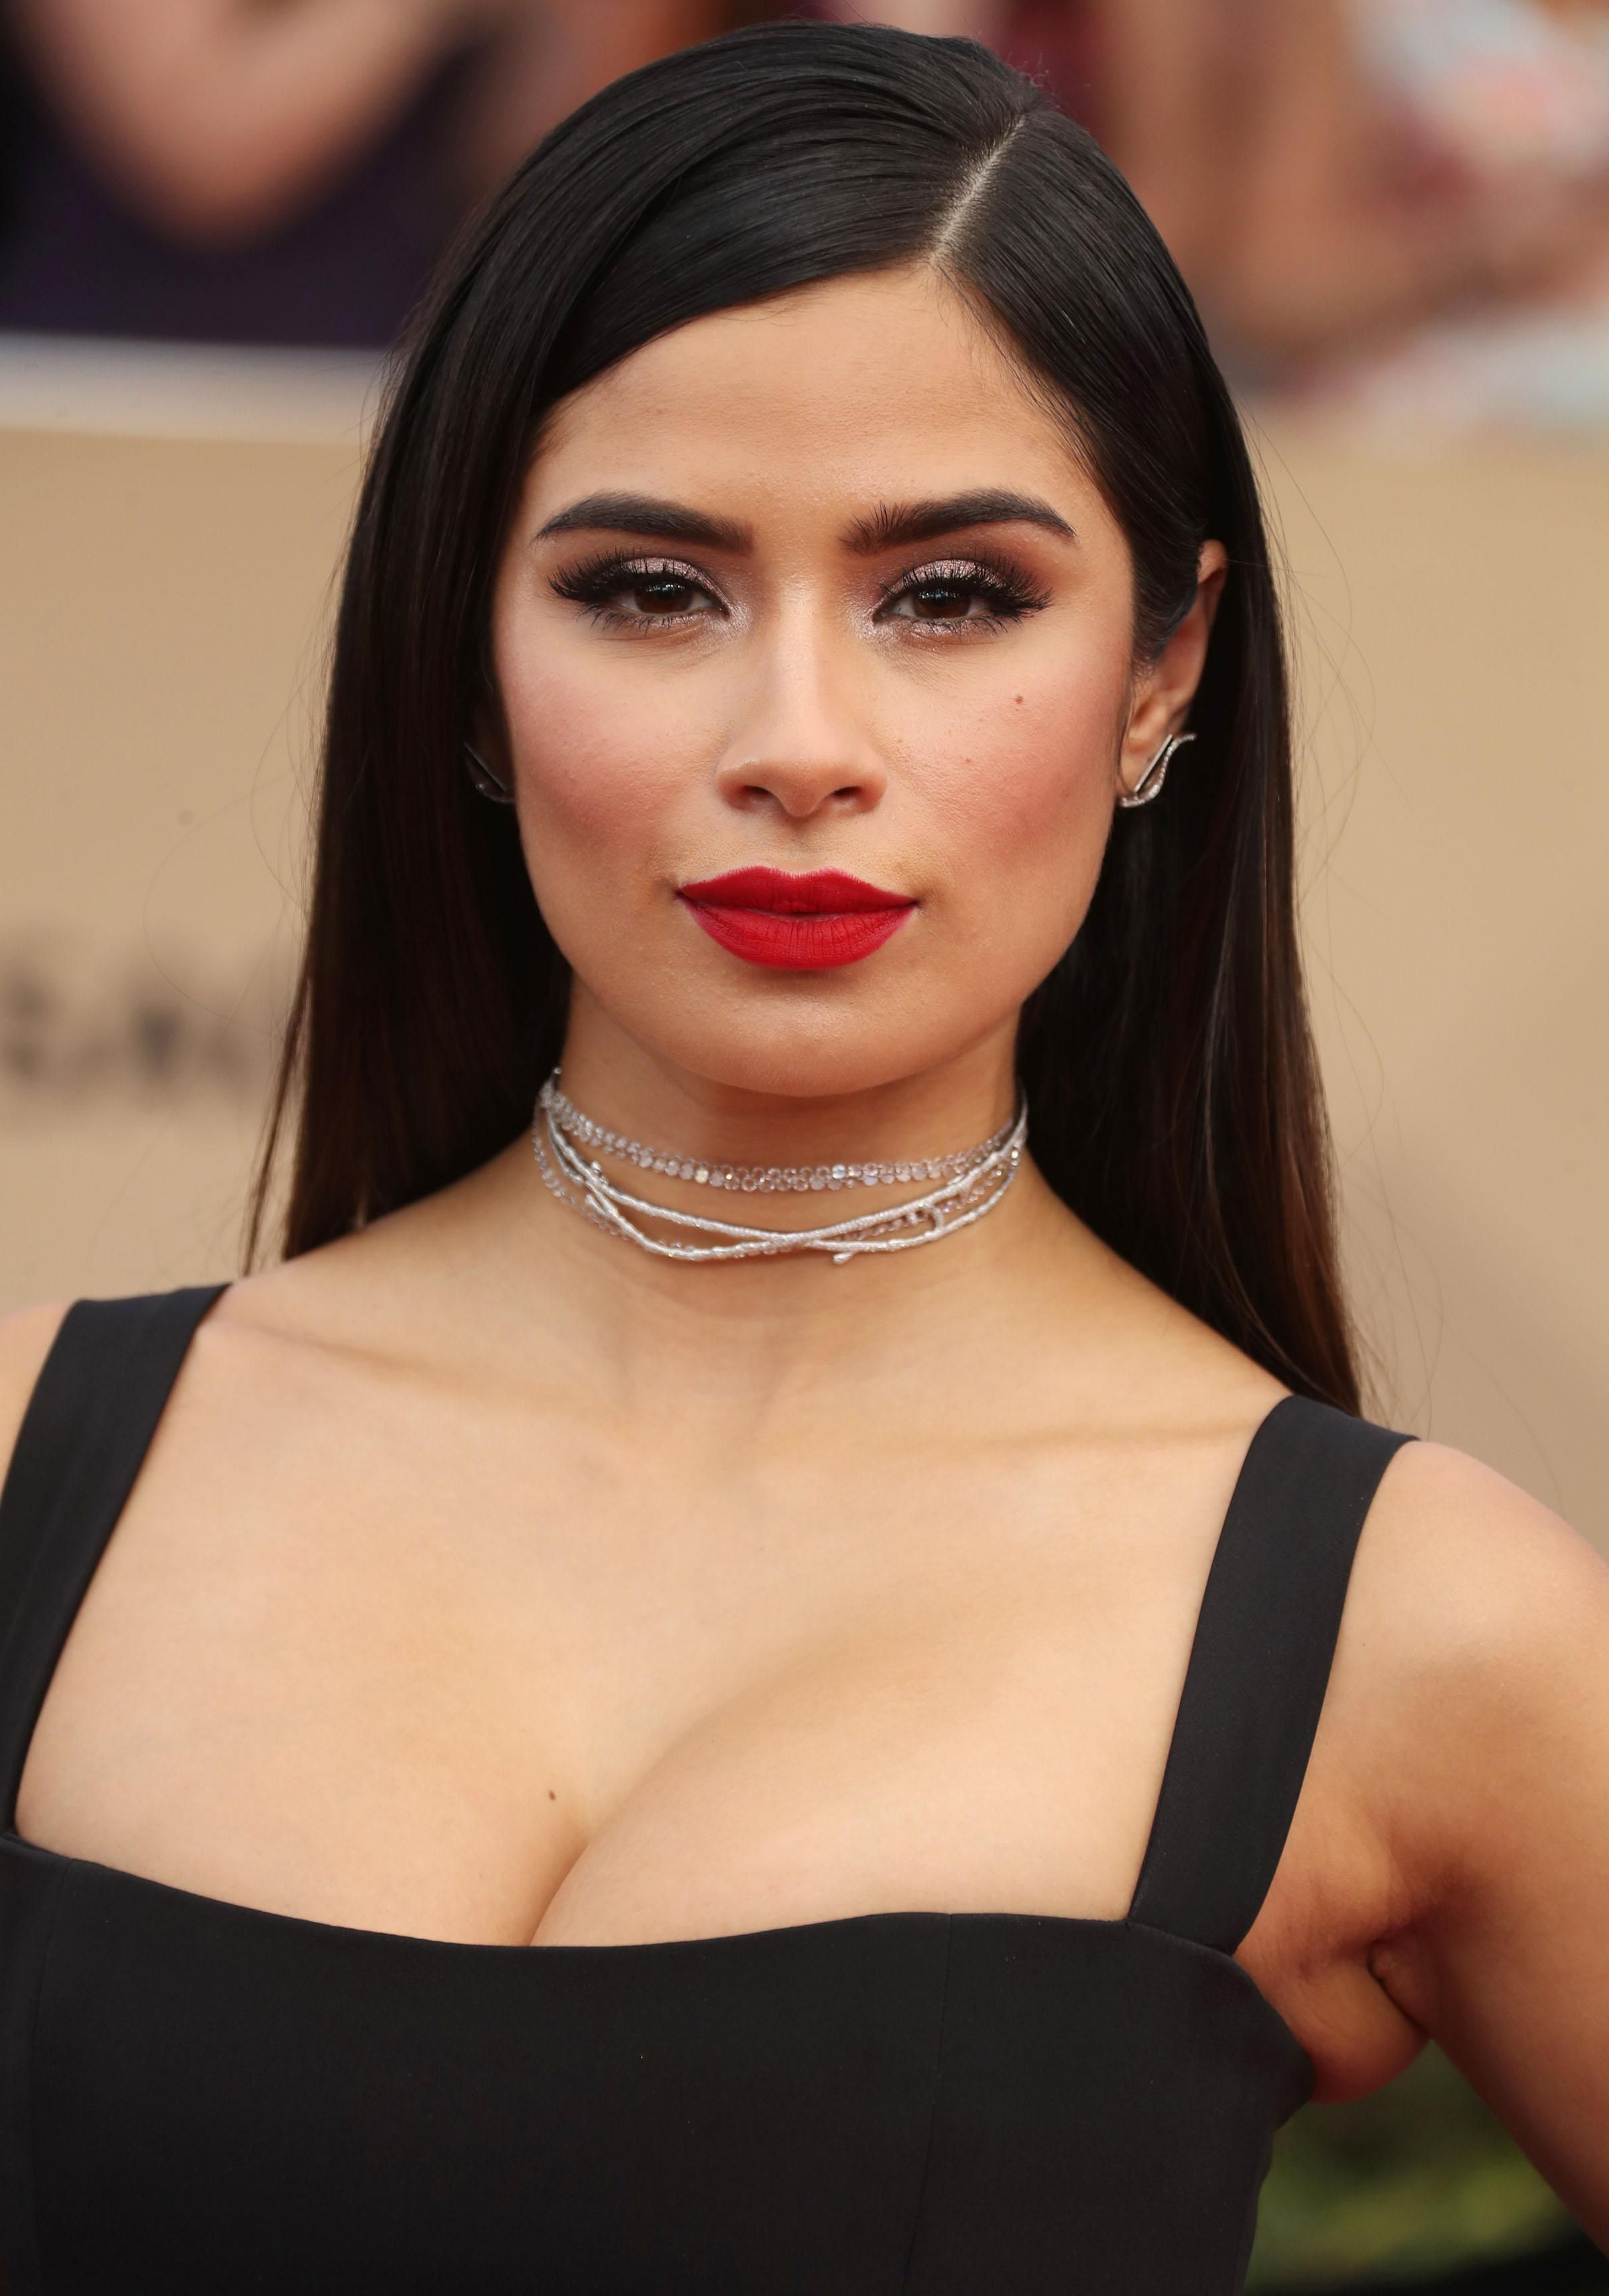 Selfie Diane Guerrero nude photos 2019